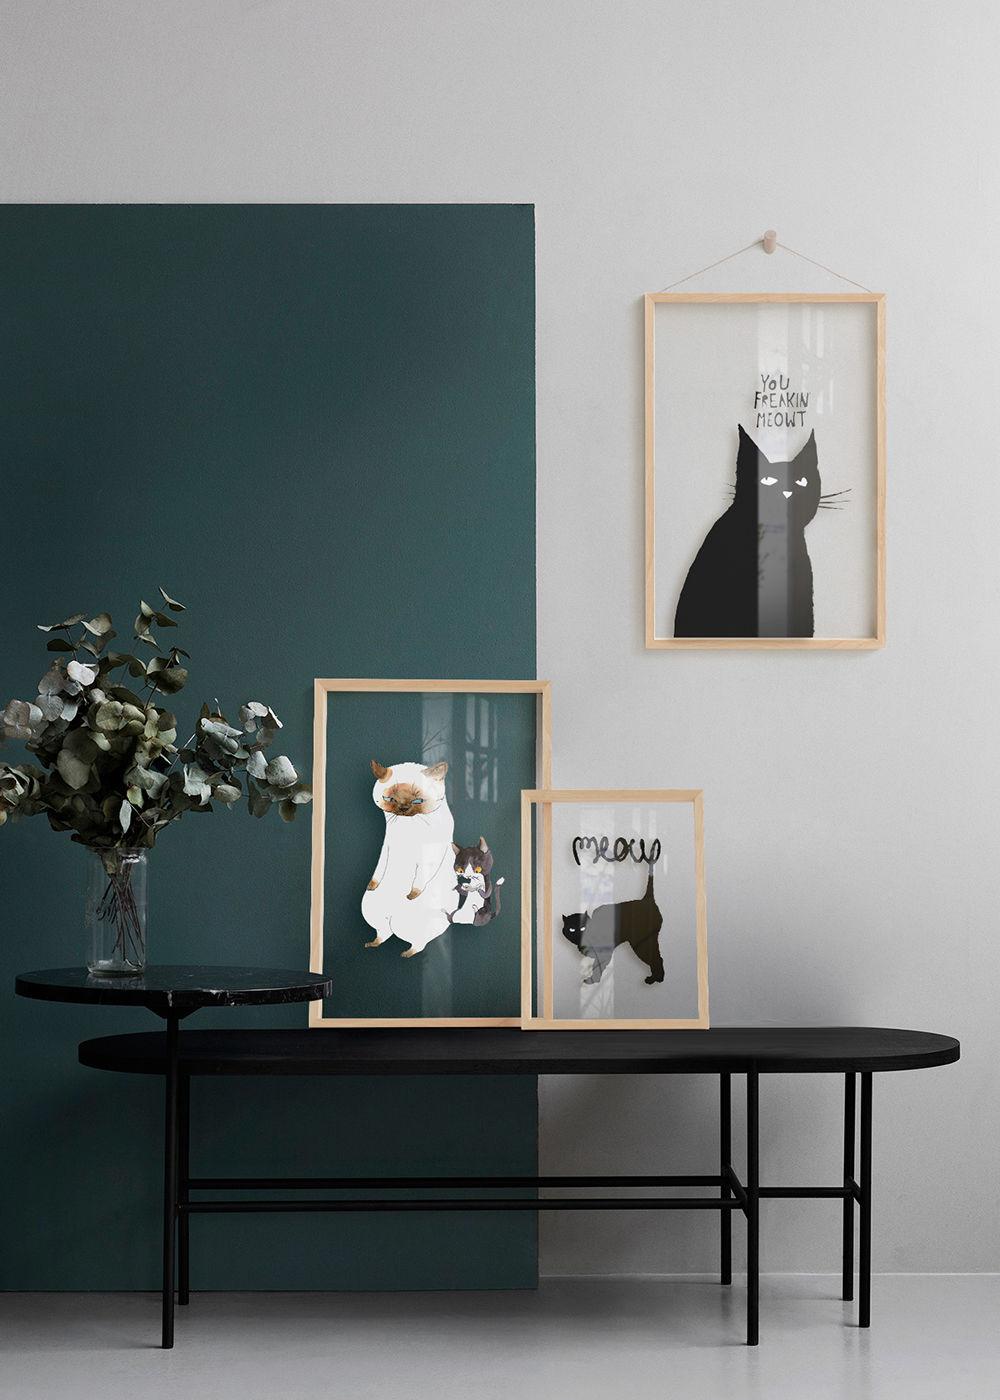 三小姐 猫 北欧ins风格装饰画卧室床头挂画书房餐厅玄关卡通挂画